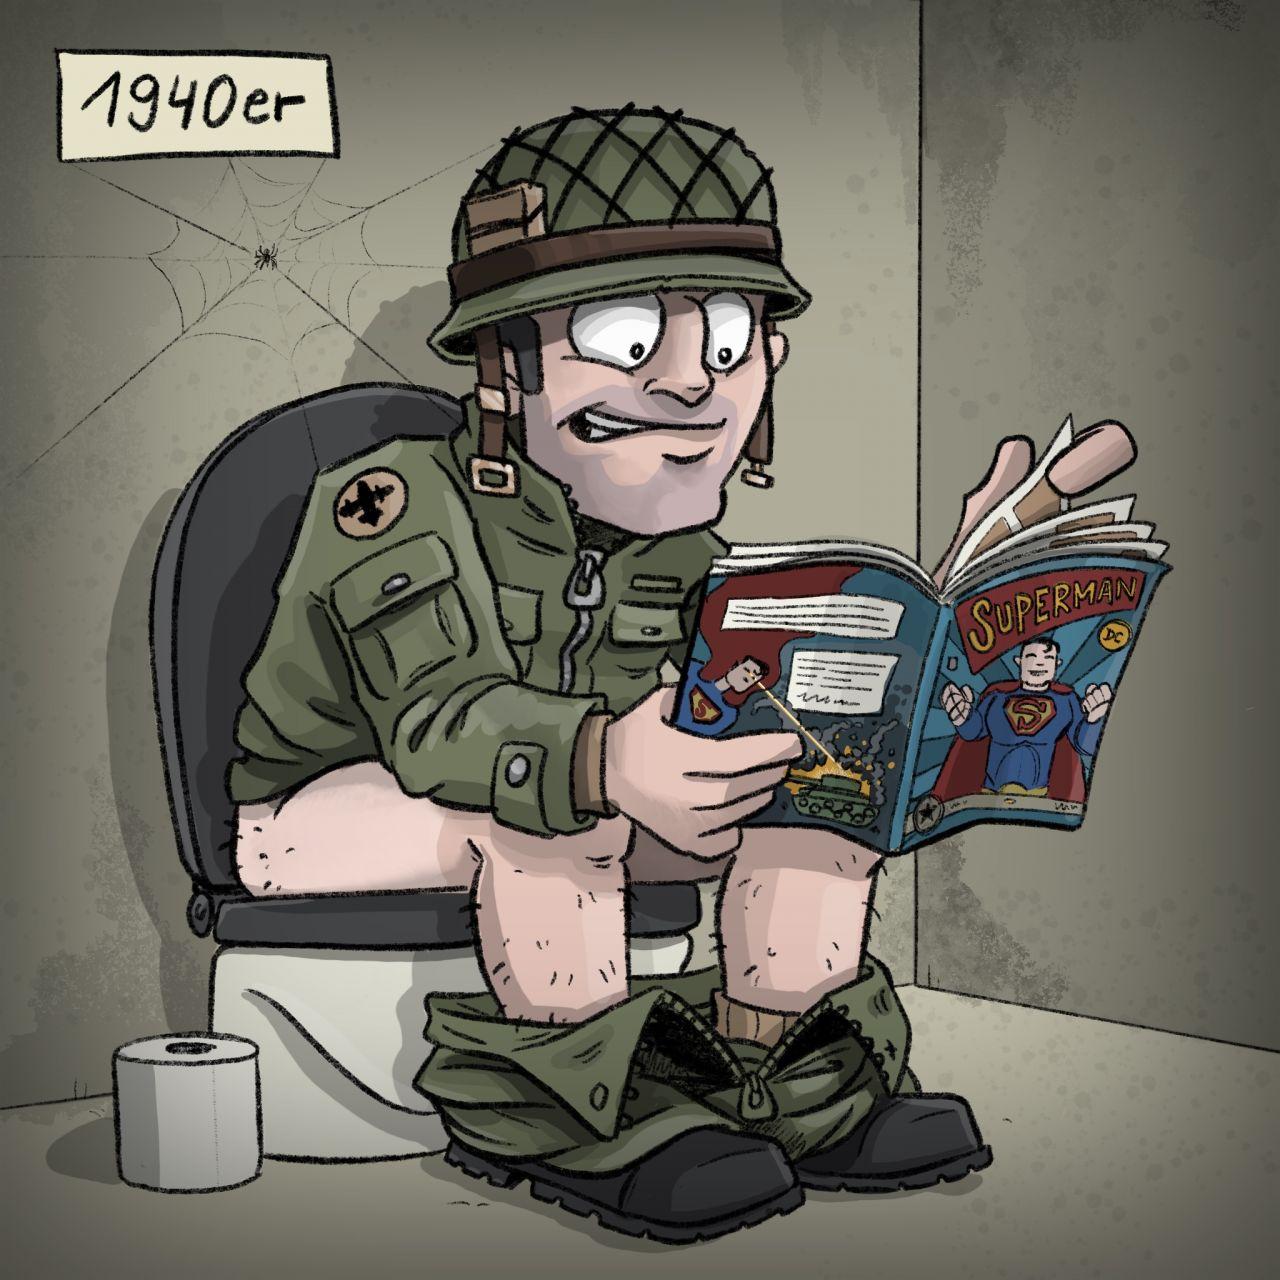 Geschichte der Comics: 1940er Jahre